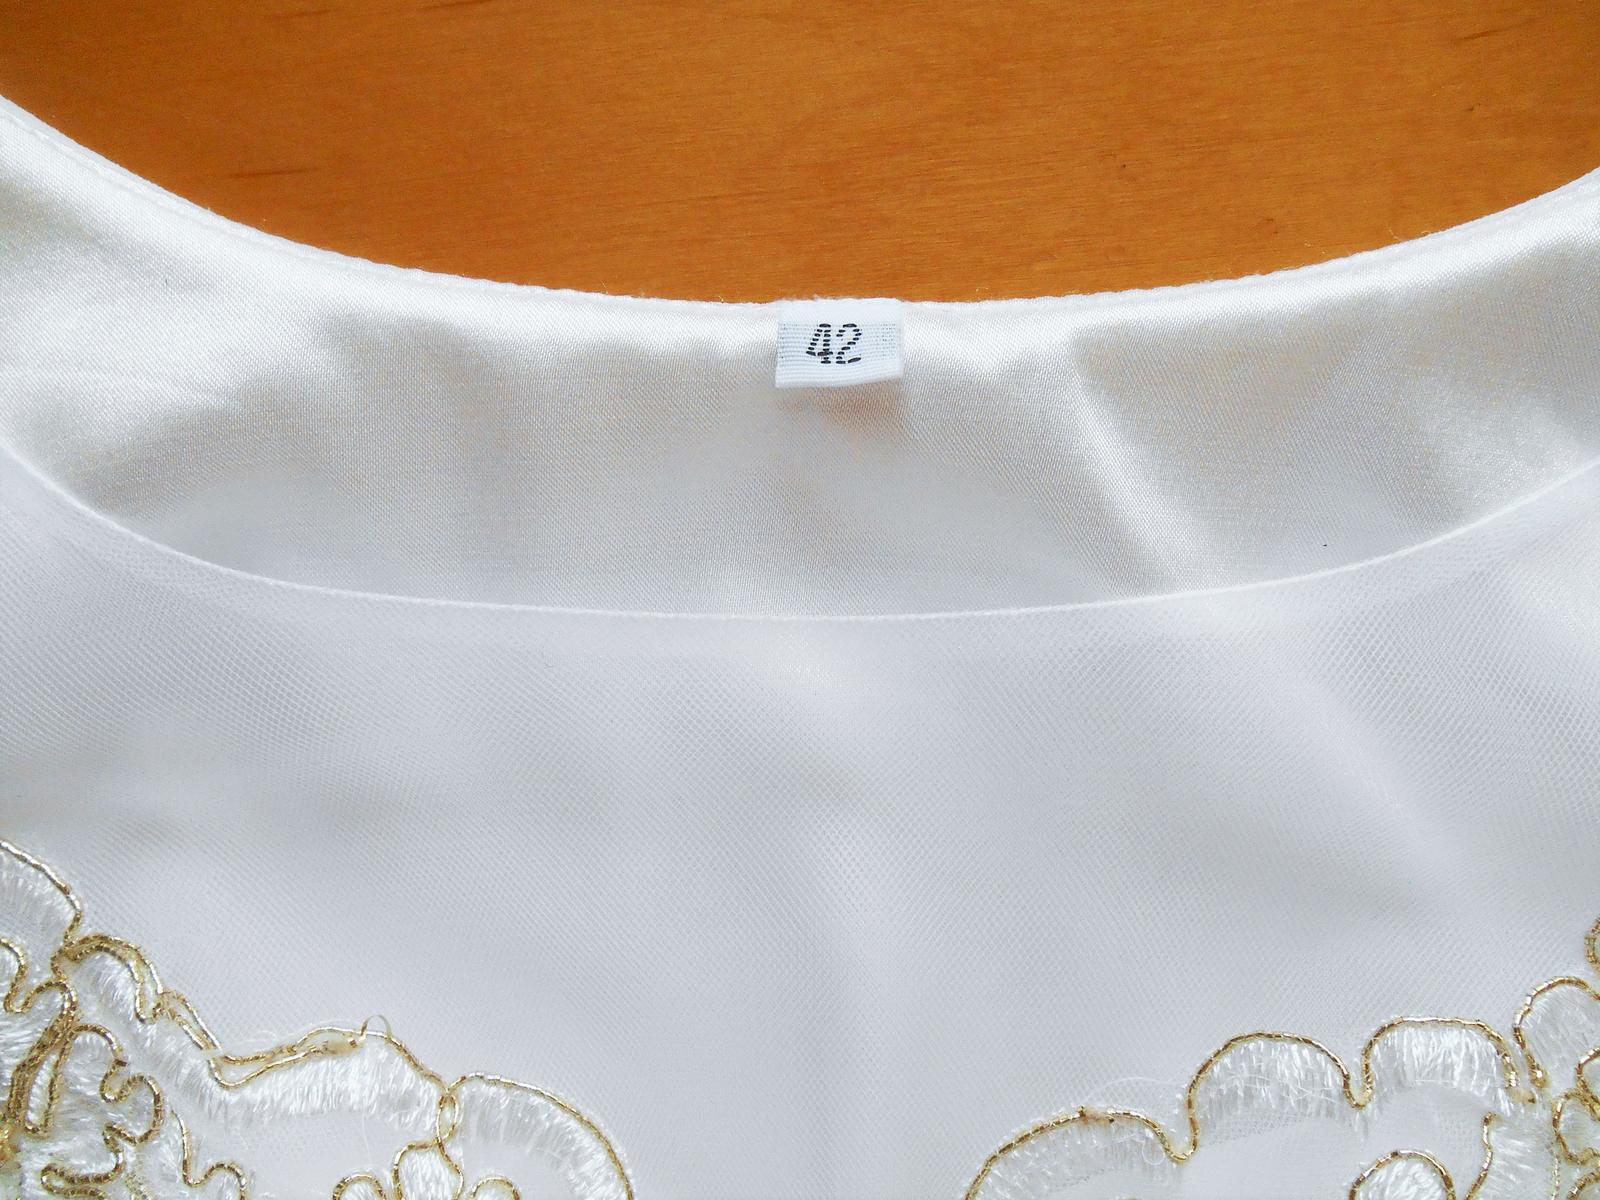 biele spoločenské šaty Pretty Women veľ. 42 - Obrázok č. 3